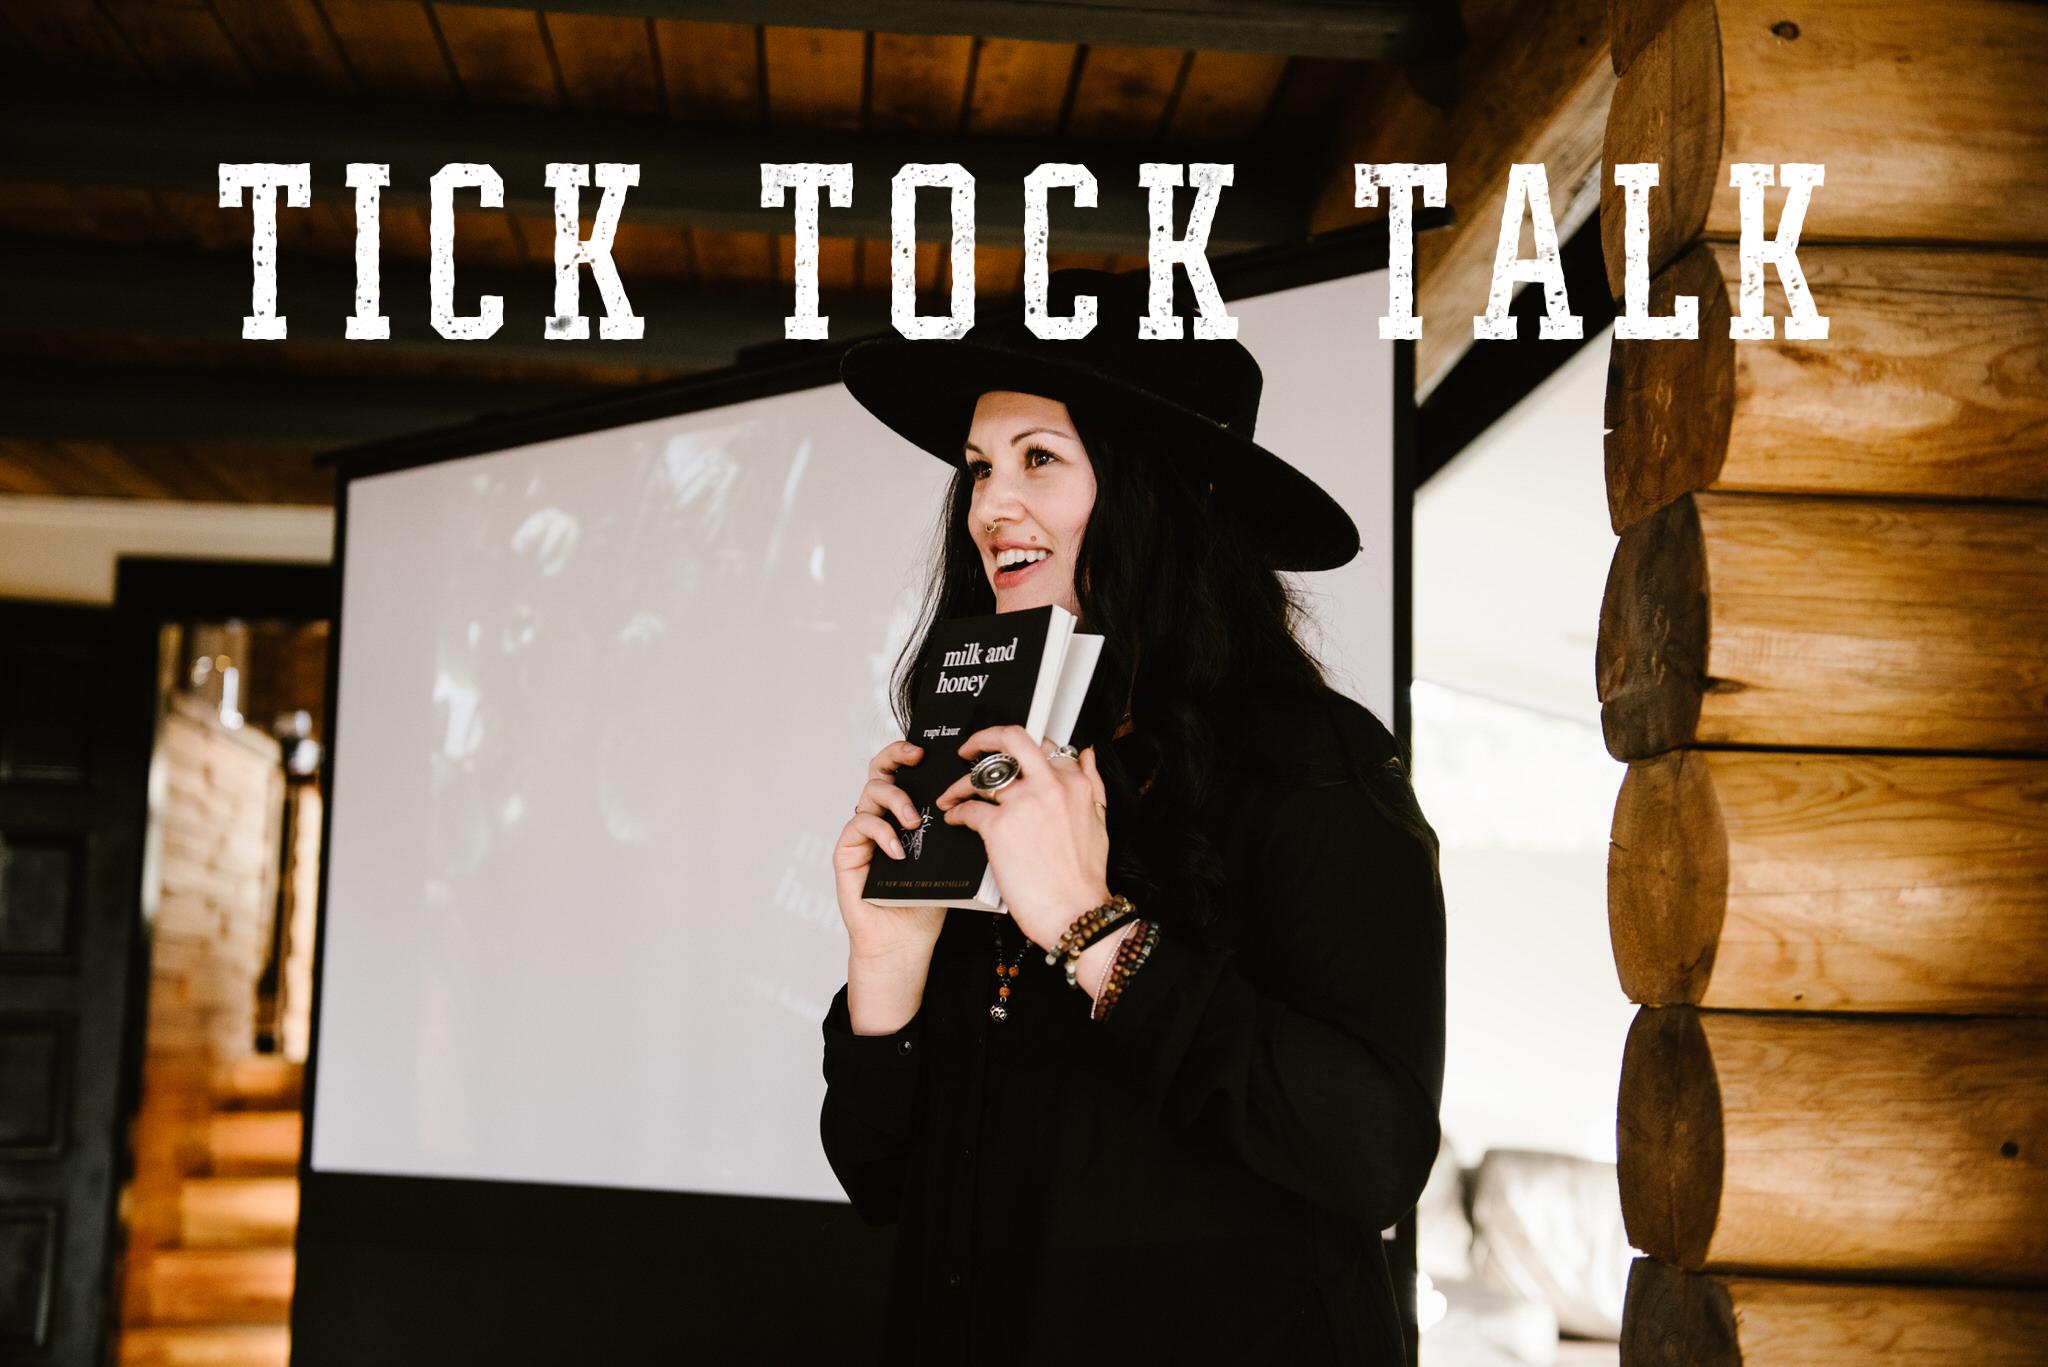 Tick Tock Talk.jpg